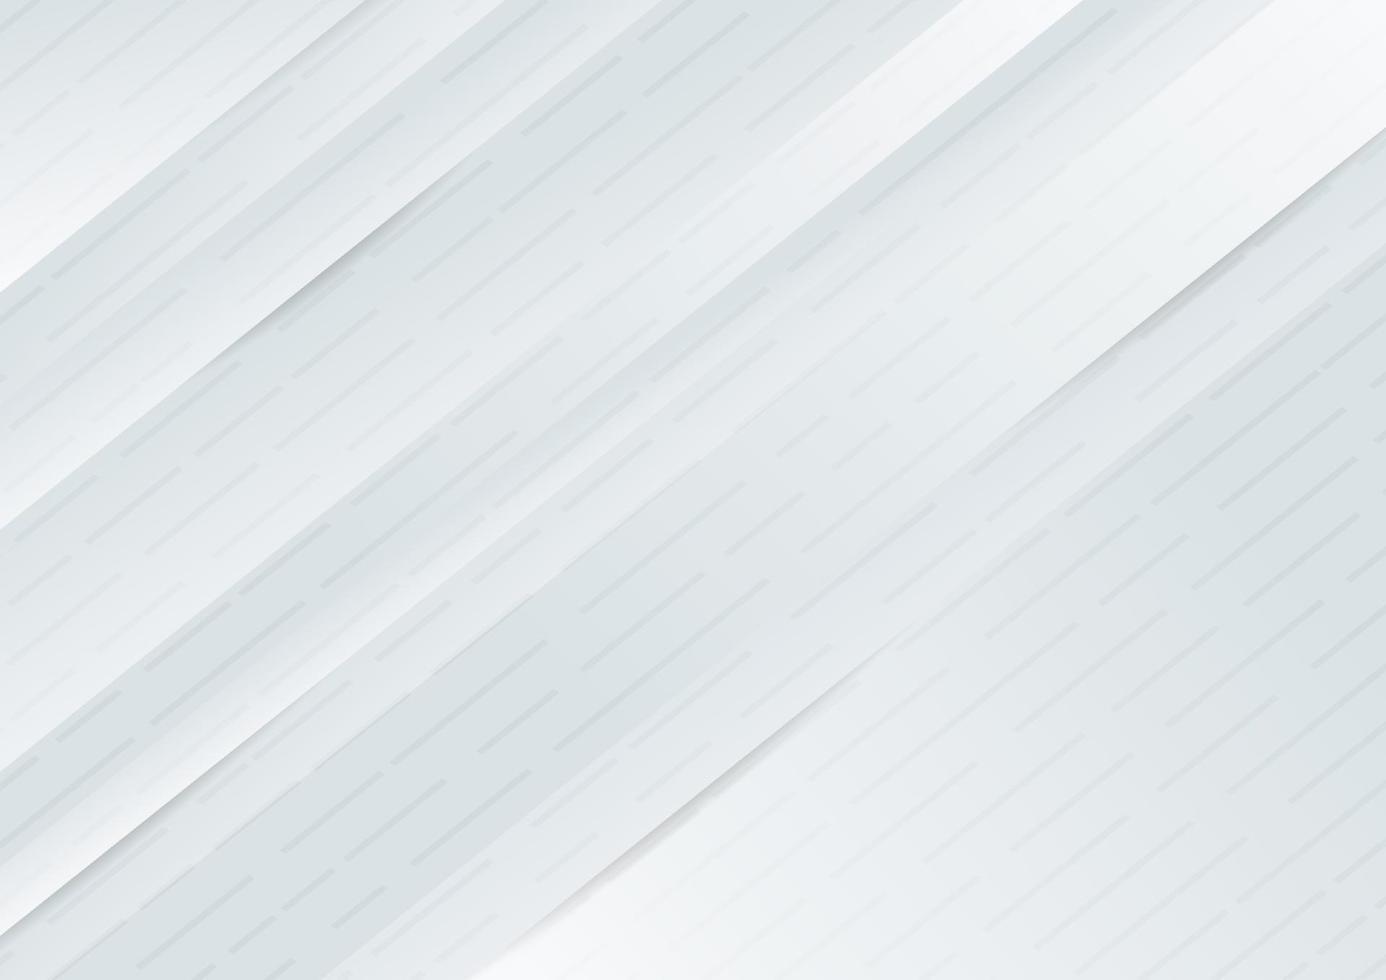 astratto diagonale grigio e bianco sfumato colore di sfondo e texture. vettore